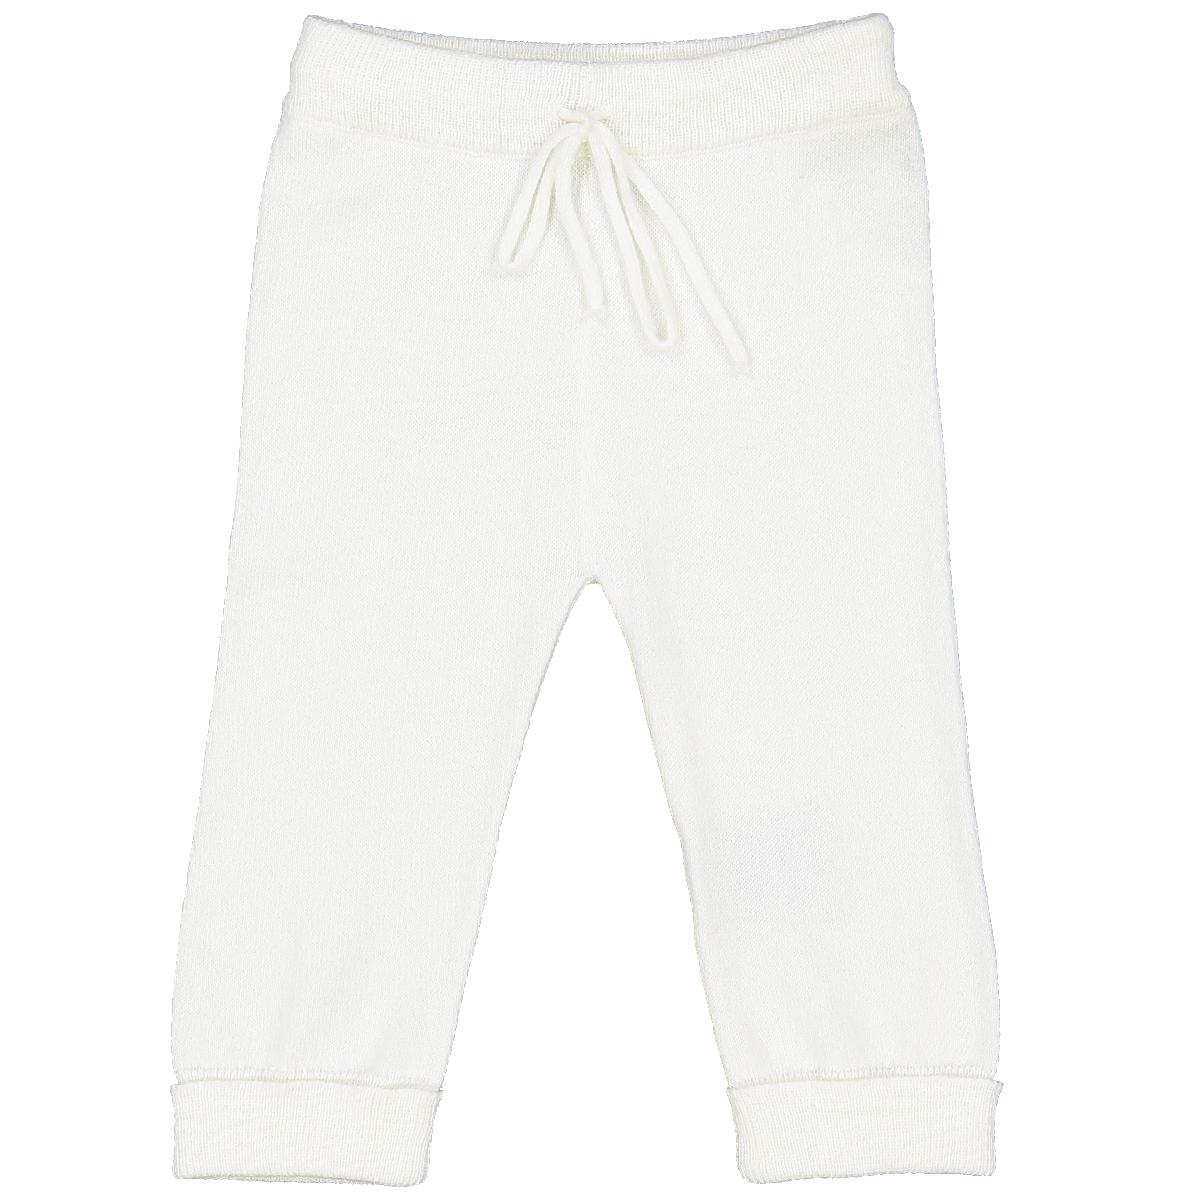 Pantalon_coton_bébé_blanc